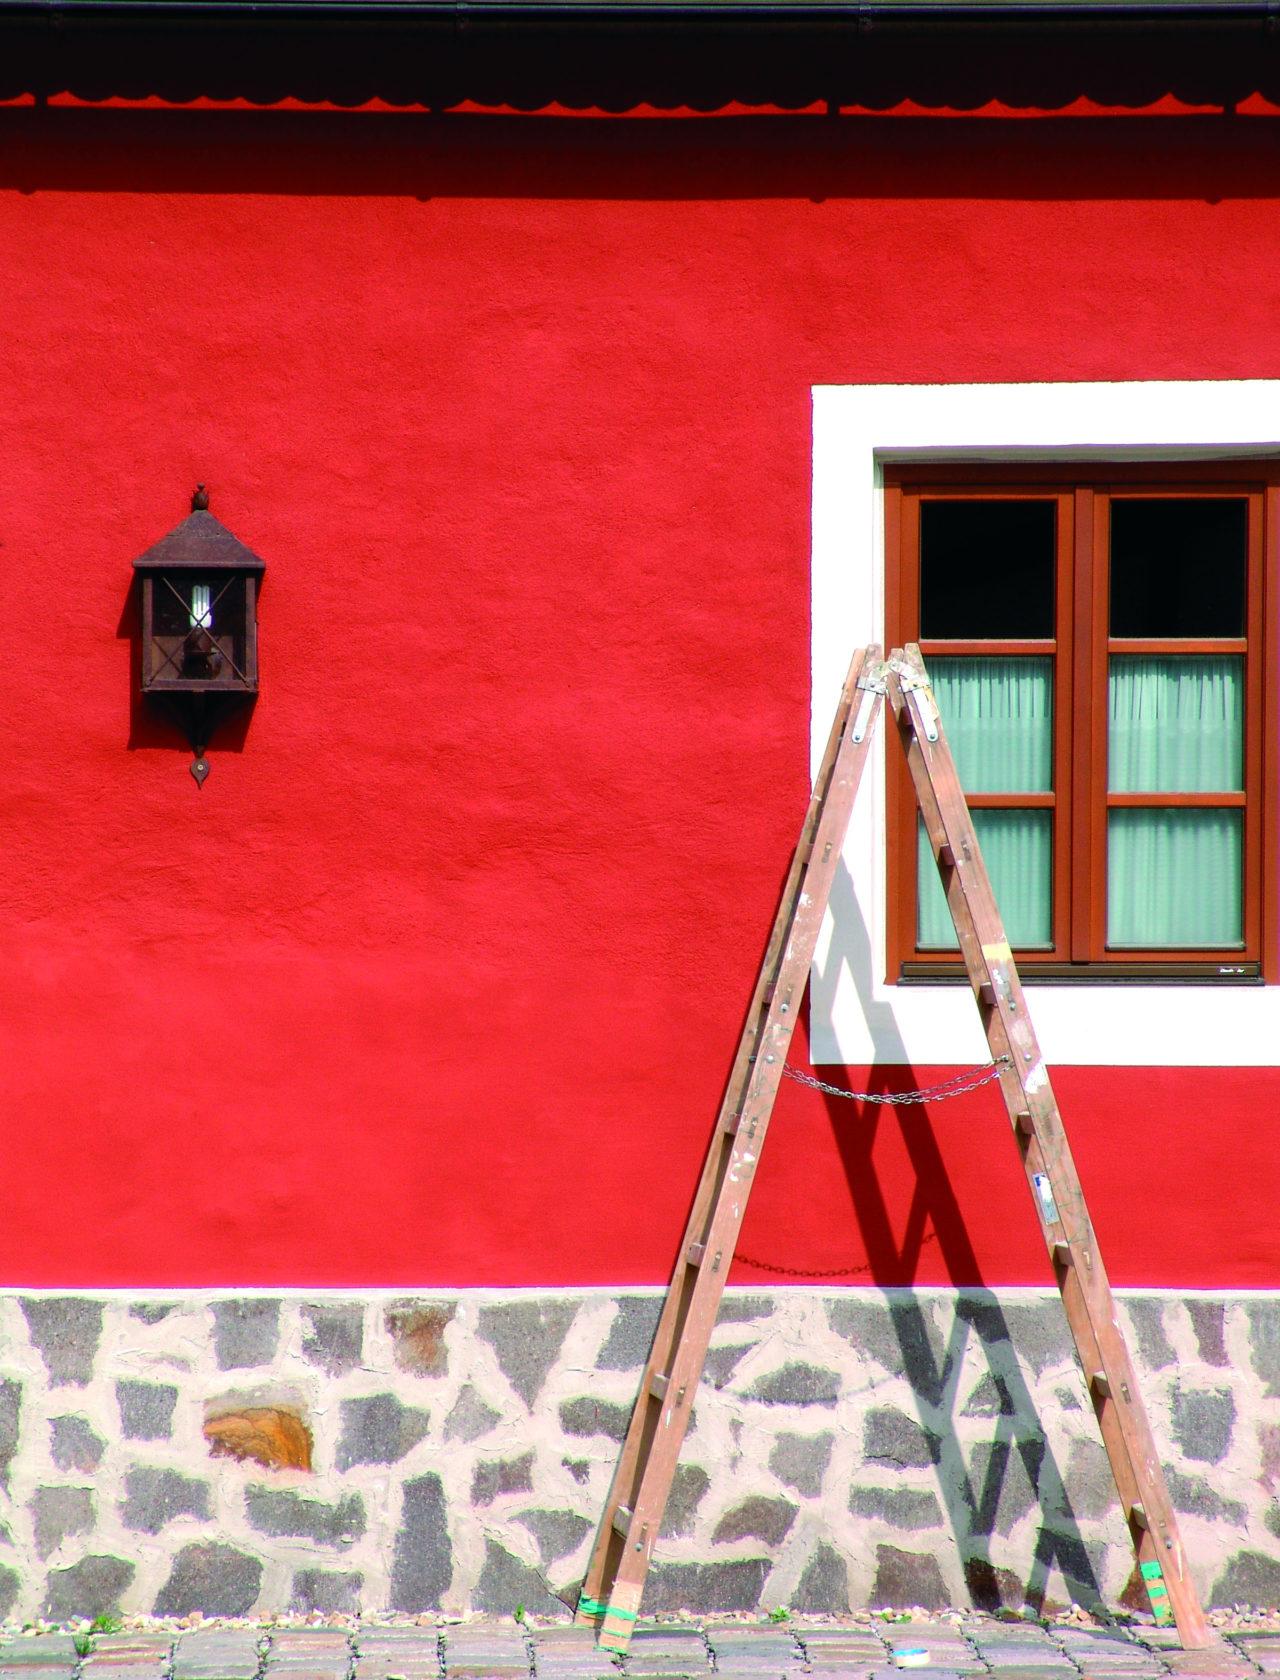 Leiter steht vor rotem Haus und Fenster